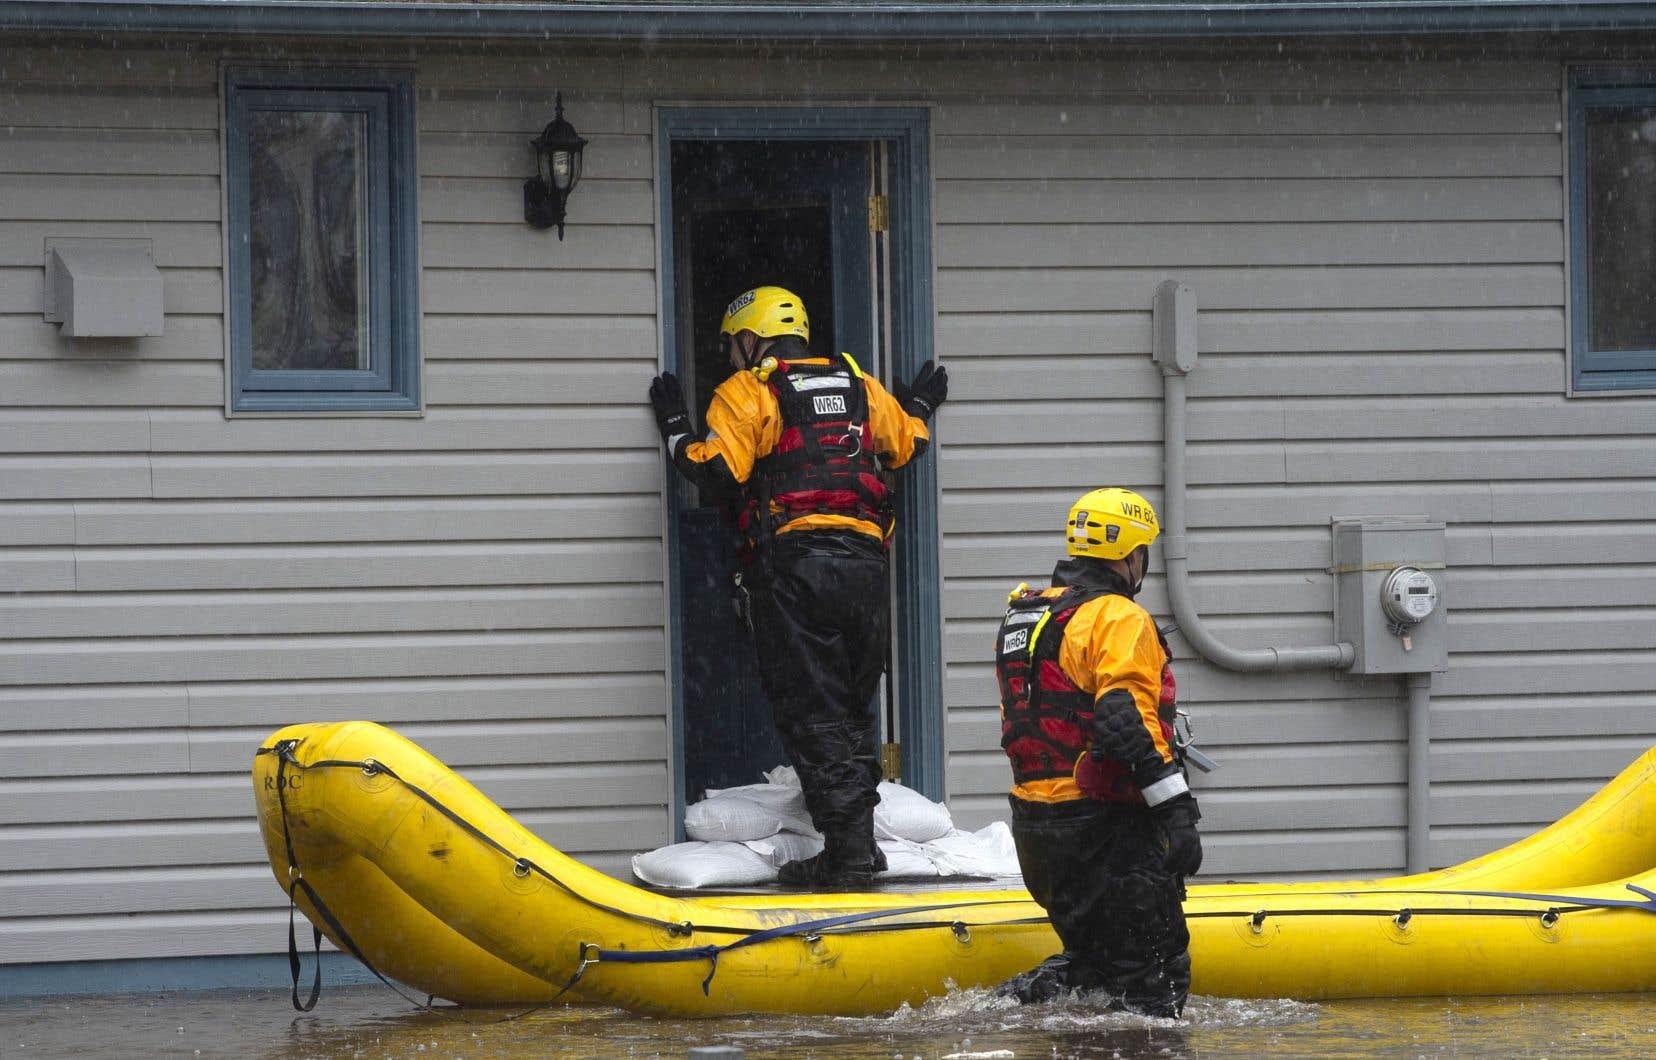 Ottawa n'est évidemment pas épargnée par la montée des eaux et le maire de la capitale canadienne a décrété l'état d'urgence. Sur la photo, des pompiers d'Ottawa font la tournée des maisons sinistrées pour s'assurer que leurs occupants vont bien dans les circonstances.